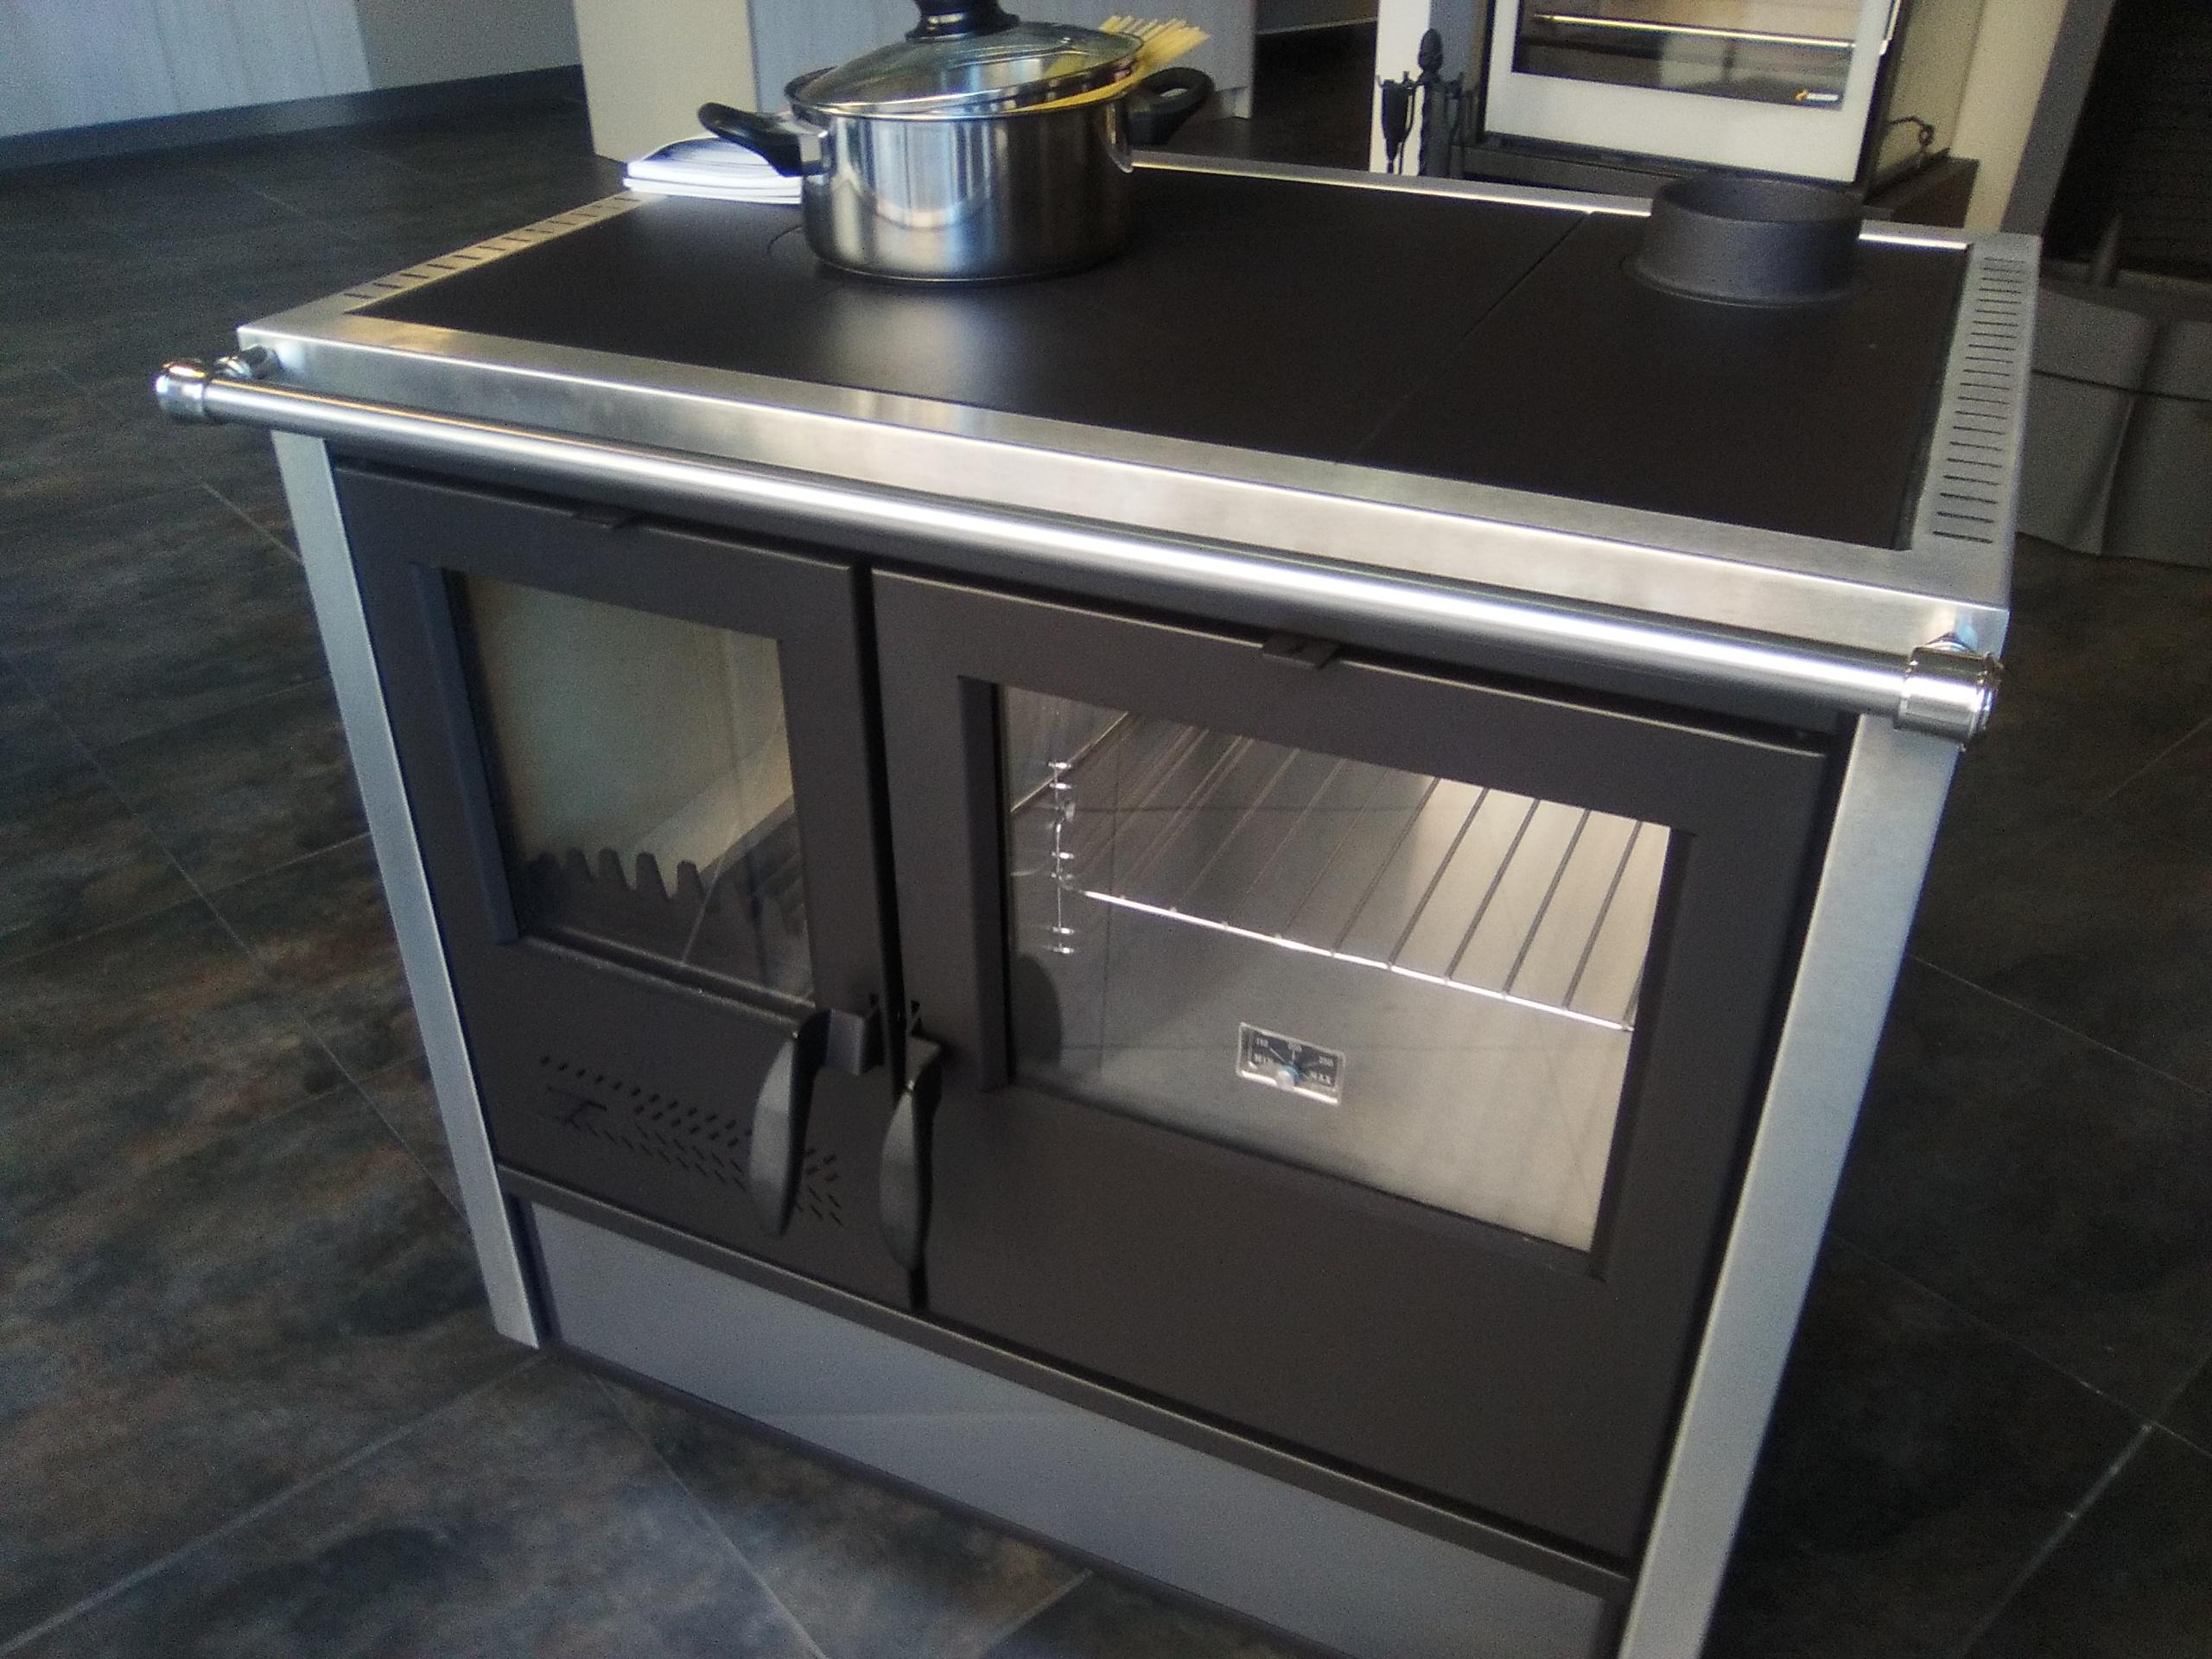 Beaufiful cocina de le a precios images gallery comprar - Cocinas economicas de lena precios ...